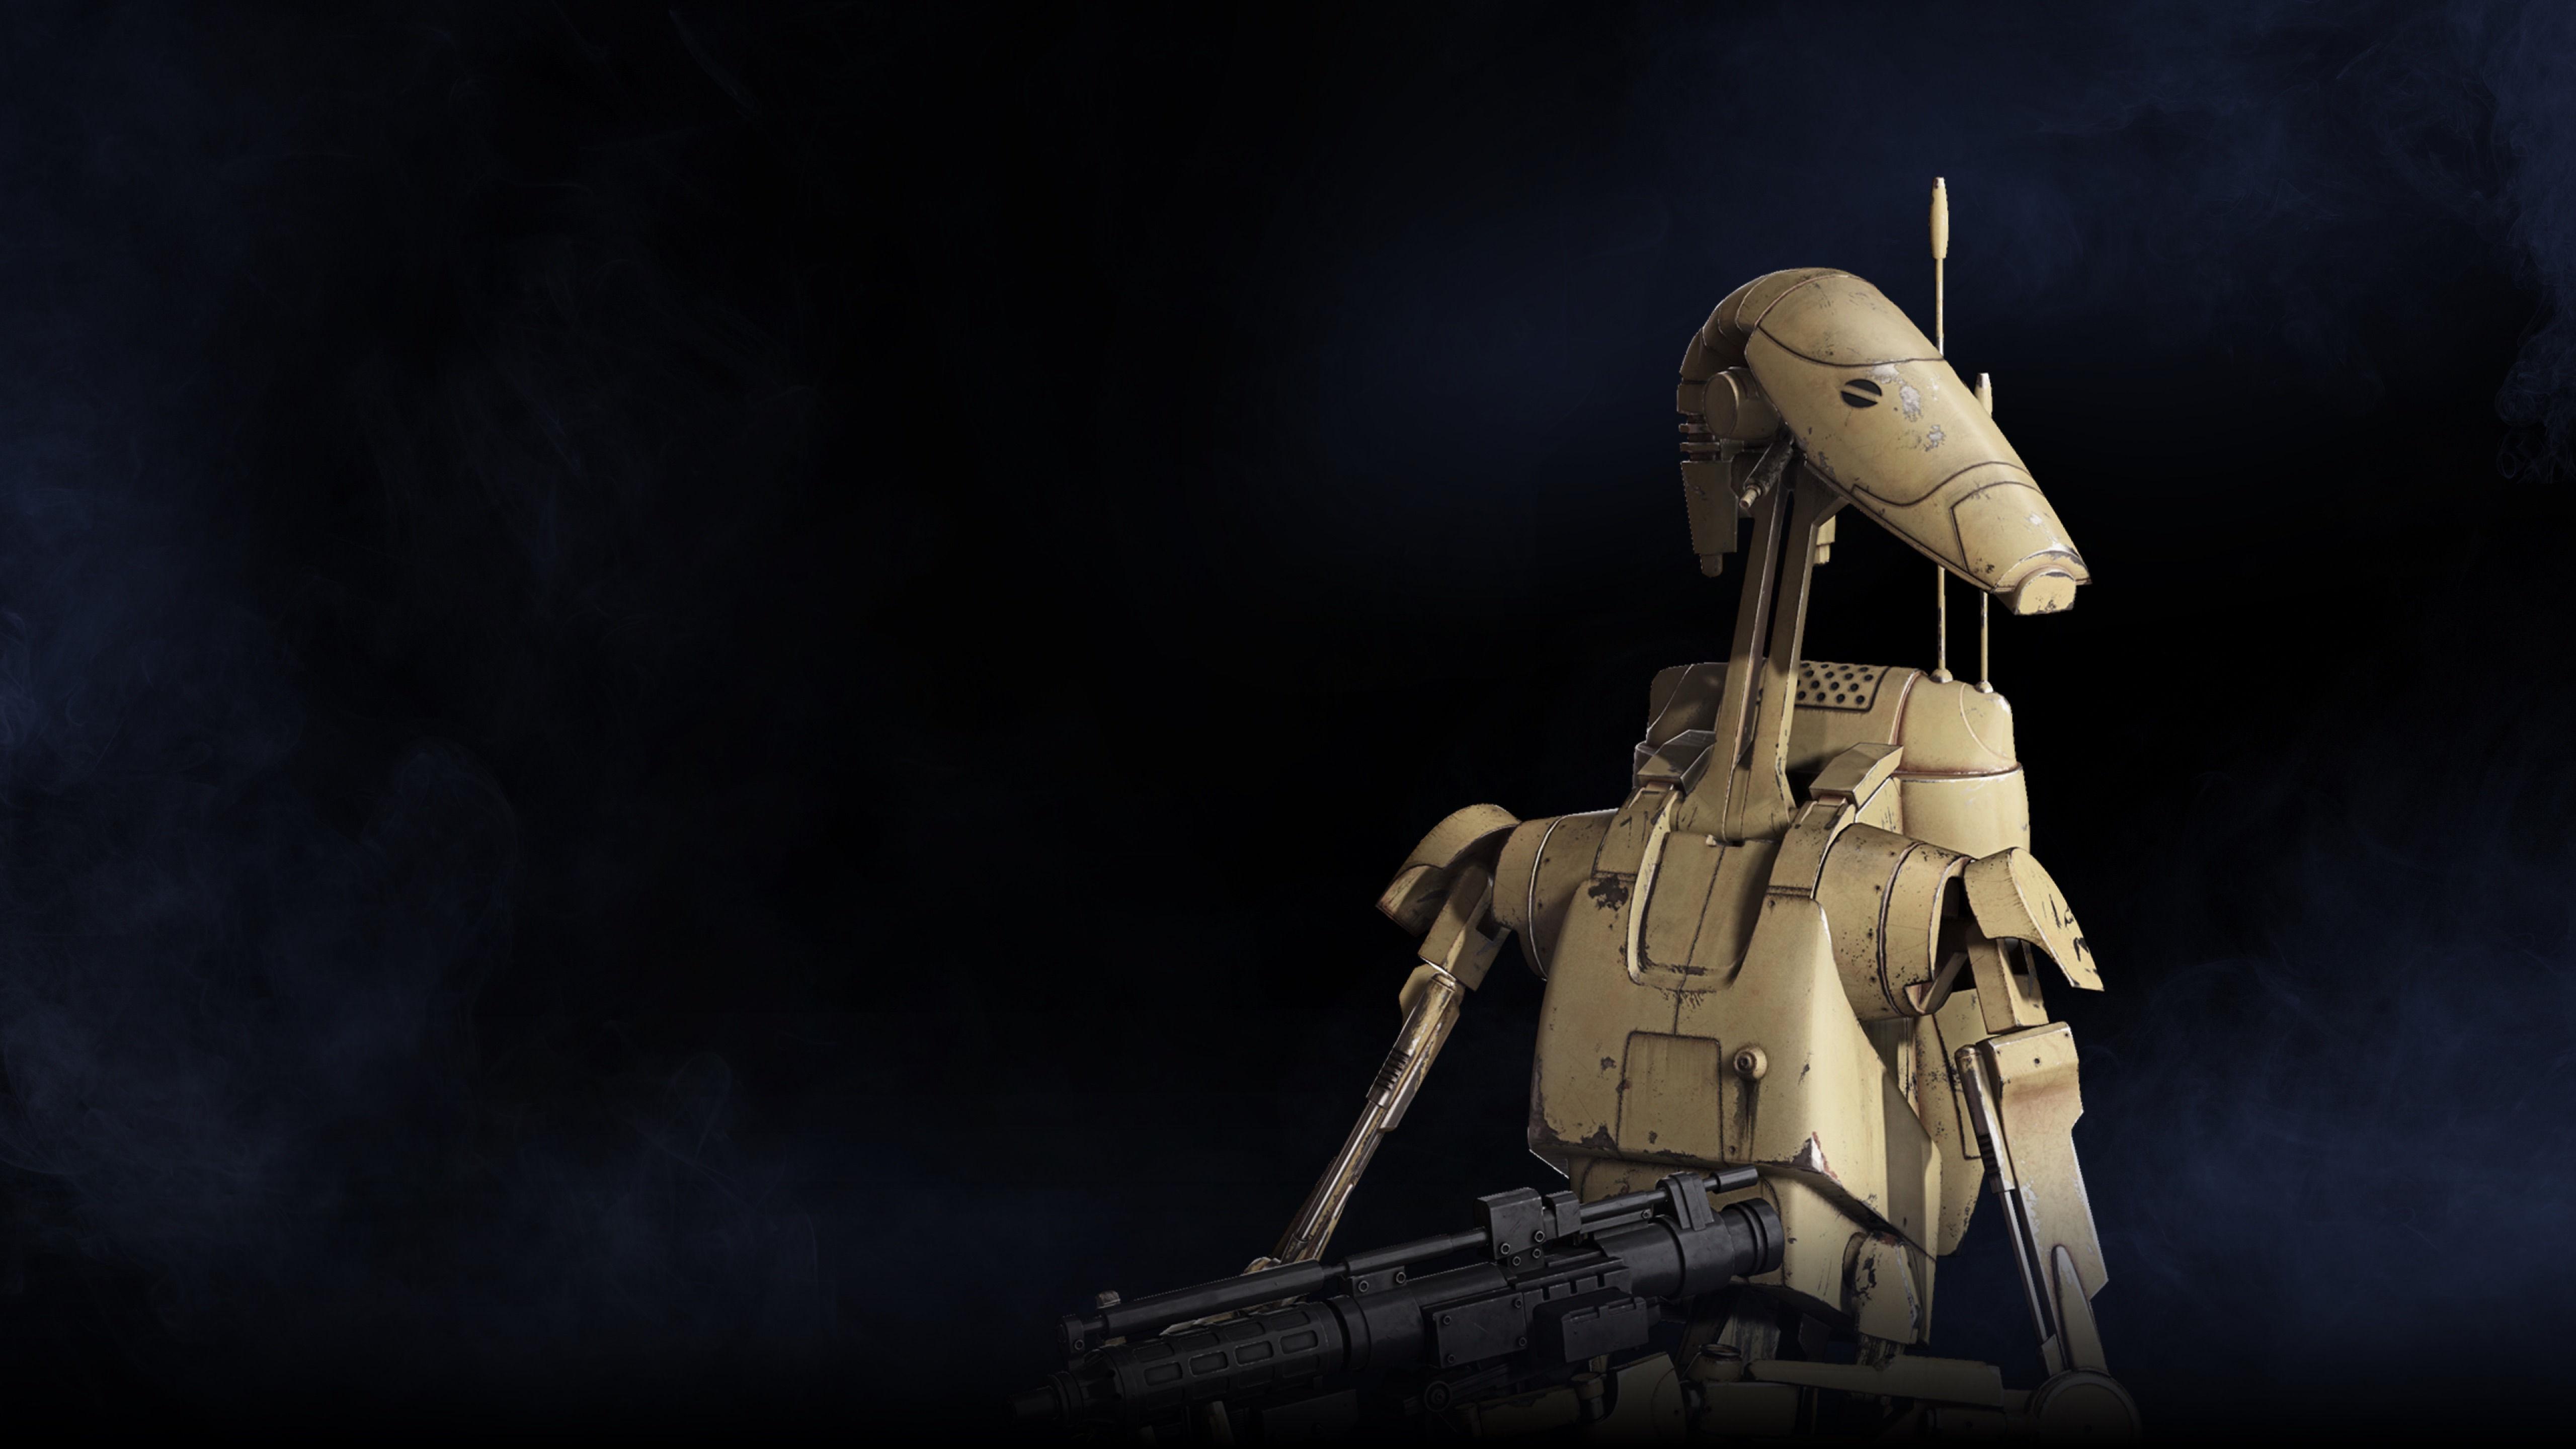 Assault Class In Star Wars Battlefront 2 Hd Games 4k Wallpapers